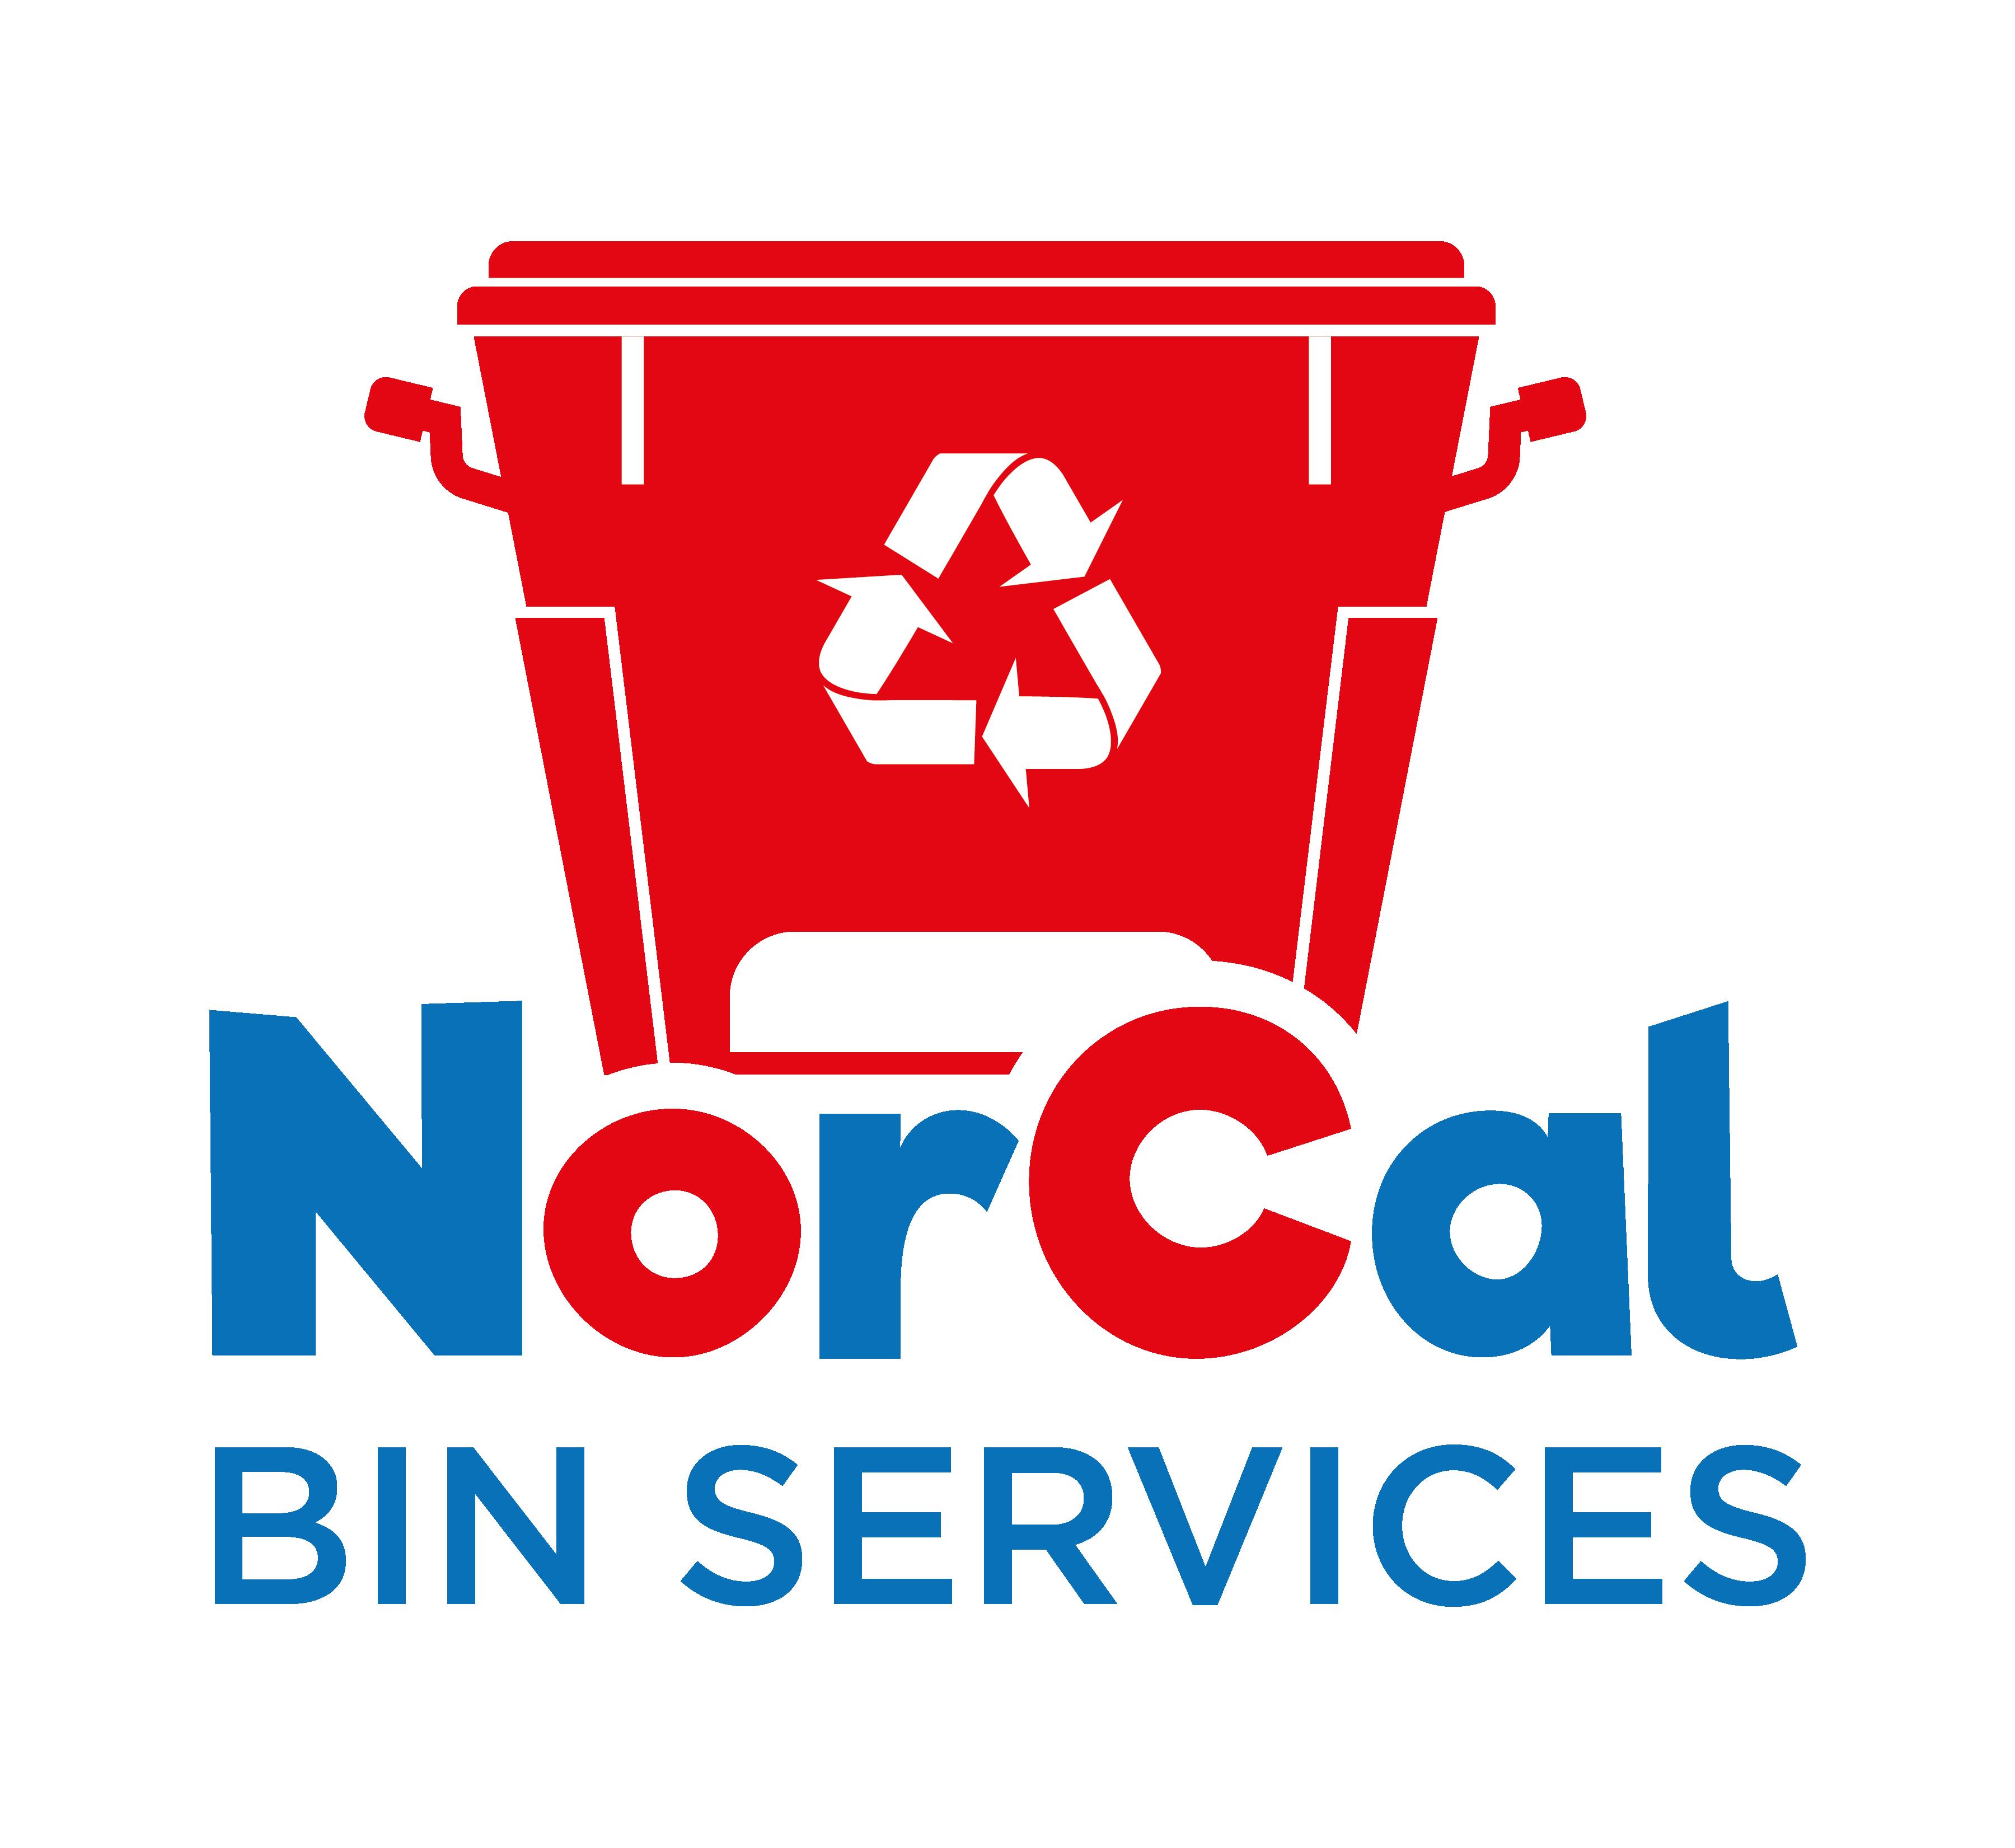 NorCal Bin Services